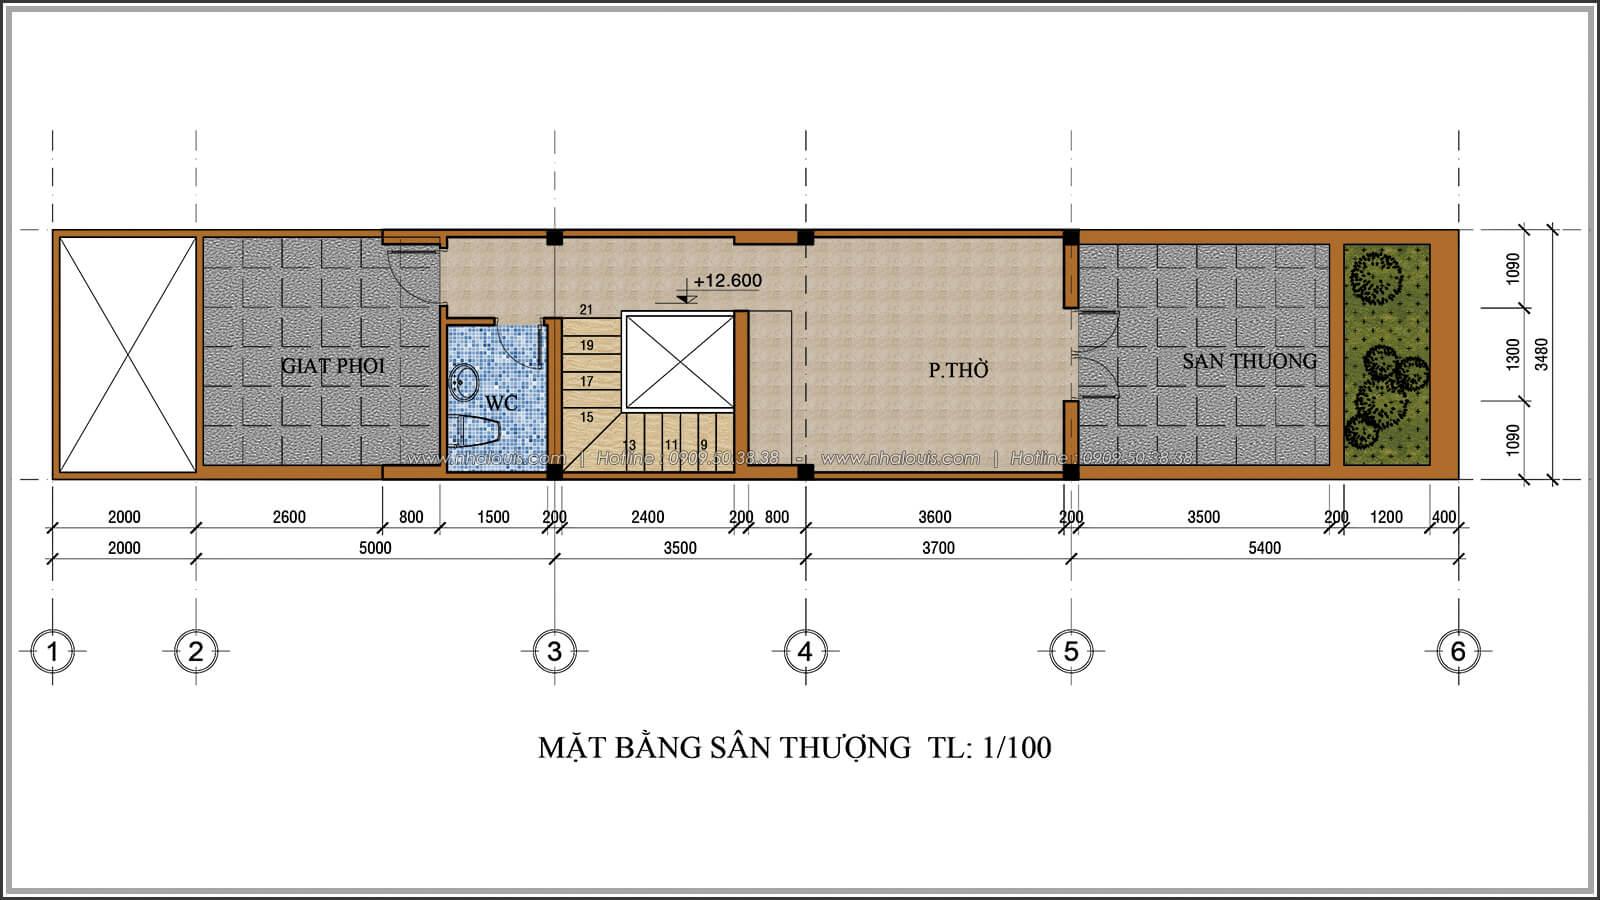 Mặt bằng sân thượng Xiêu lòng với thiết kế nhà ống cổ điển đẹp cổ điển nhỏ mà chất tại Quận 3 - 07